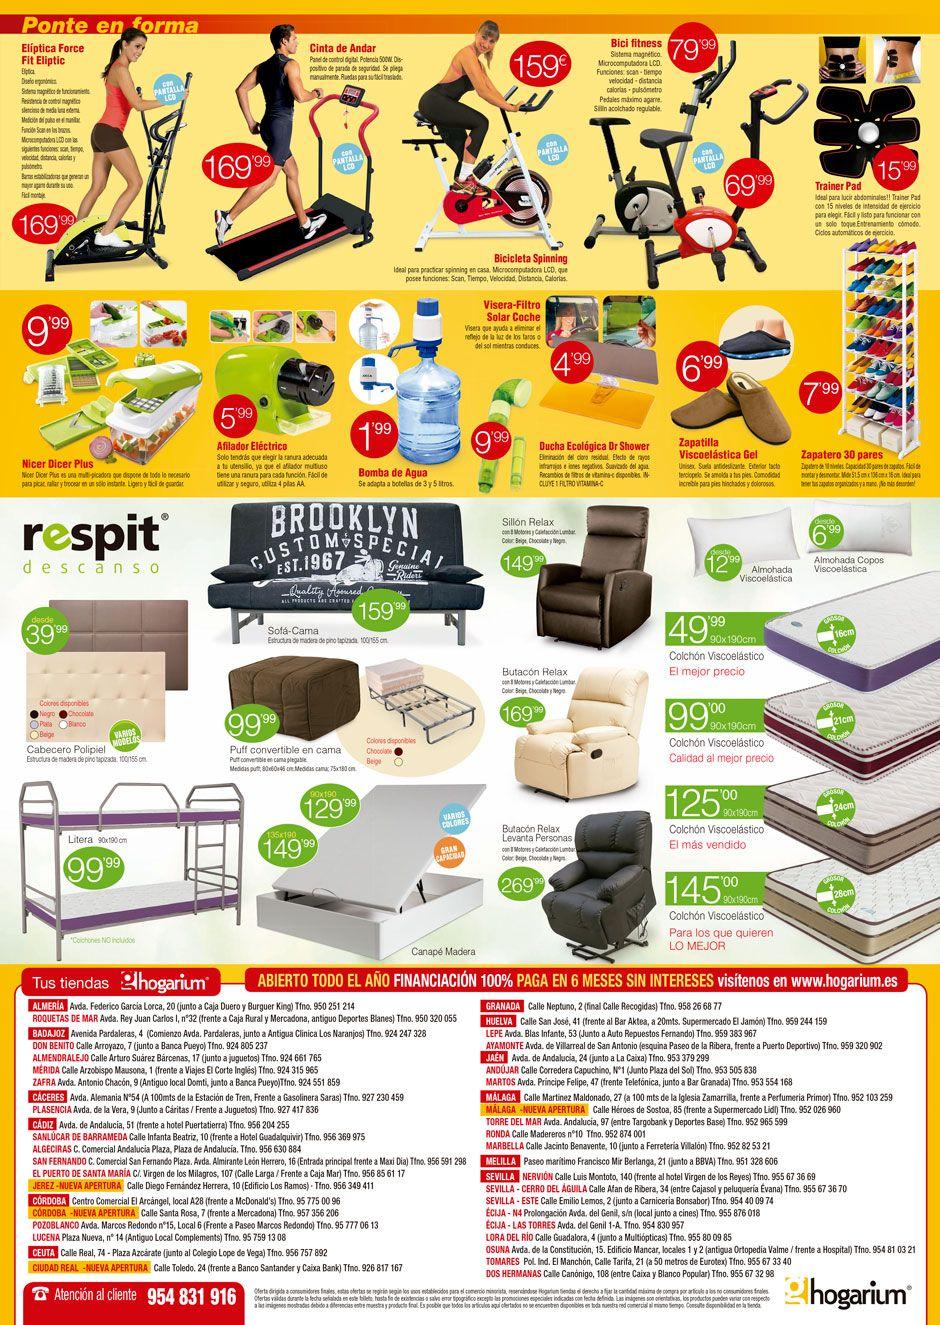 Promocion Tiendas Fisicas Hogarium 3 Y 4 De Marzo Tiendas